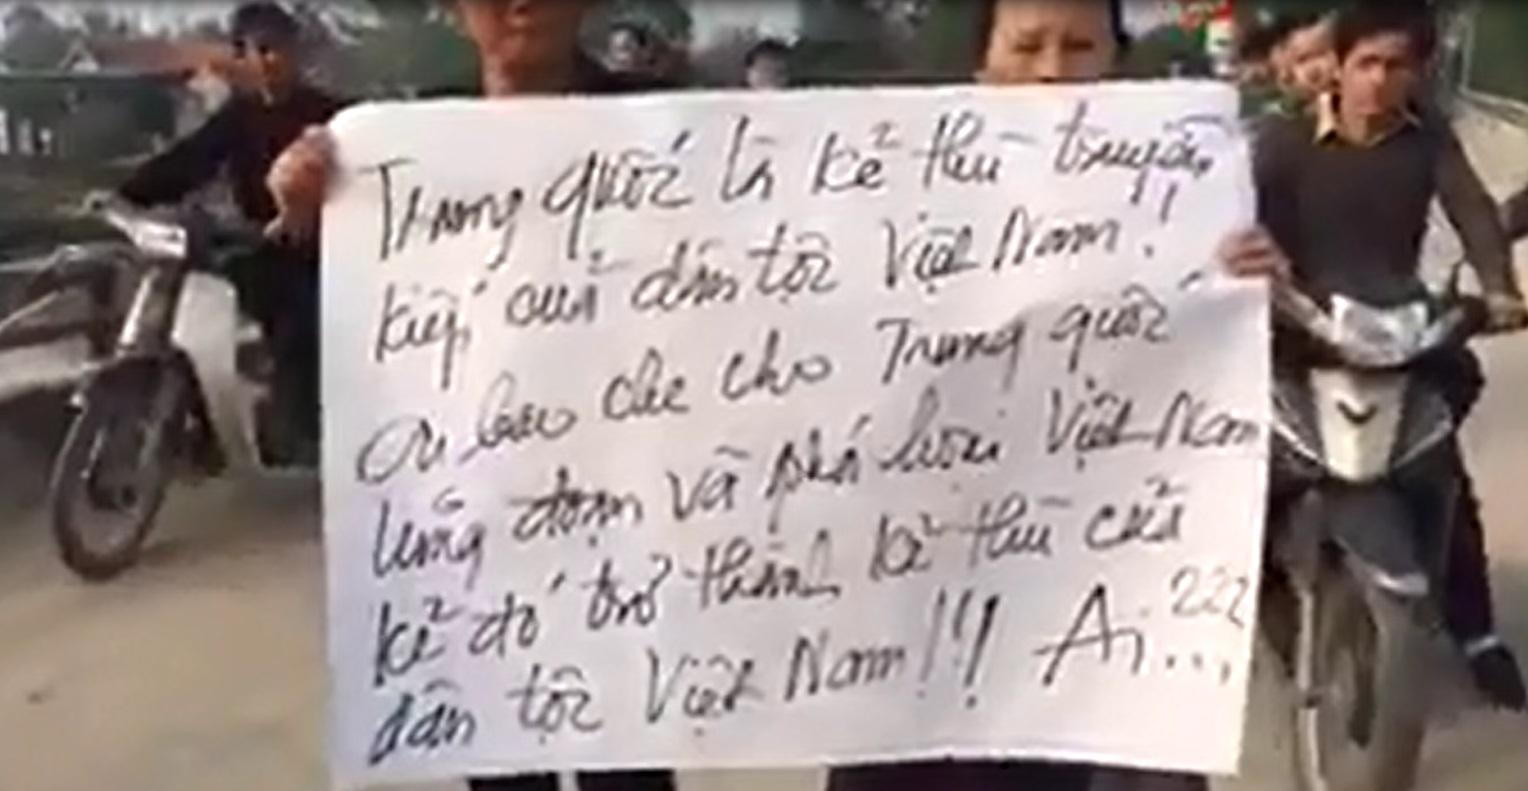 Hơn 1,000 người dân xứ Song Ngọc tuần hành biểu tình phản đối đài truyền hình VTV và NTV vu khống linh mục